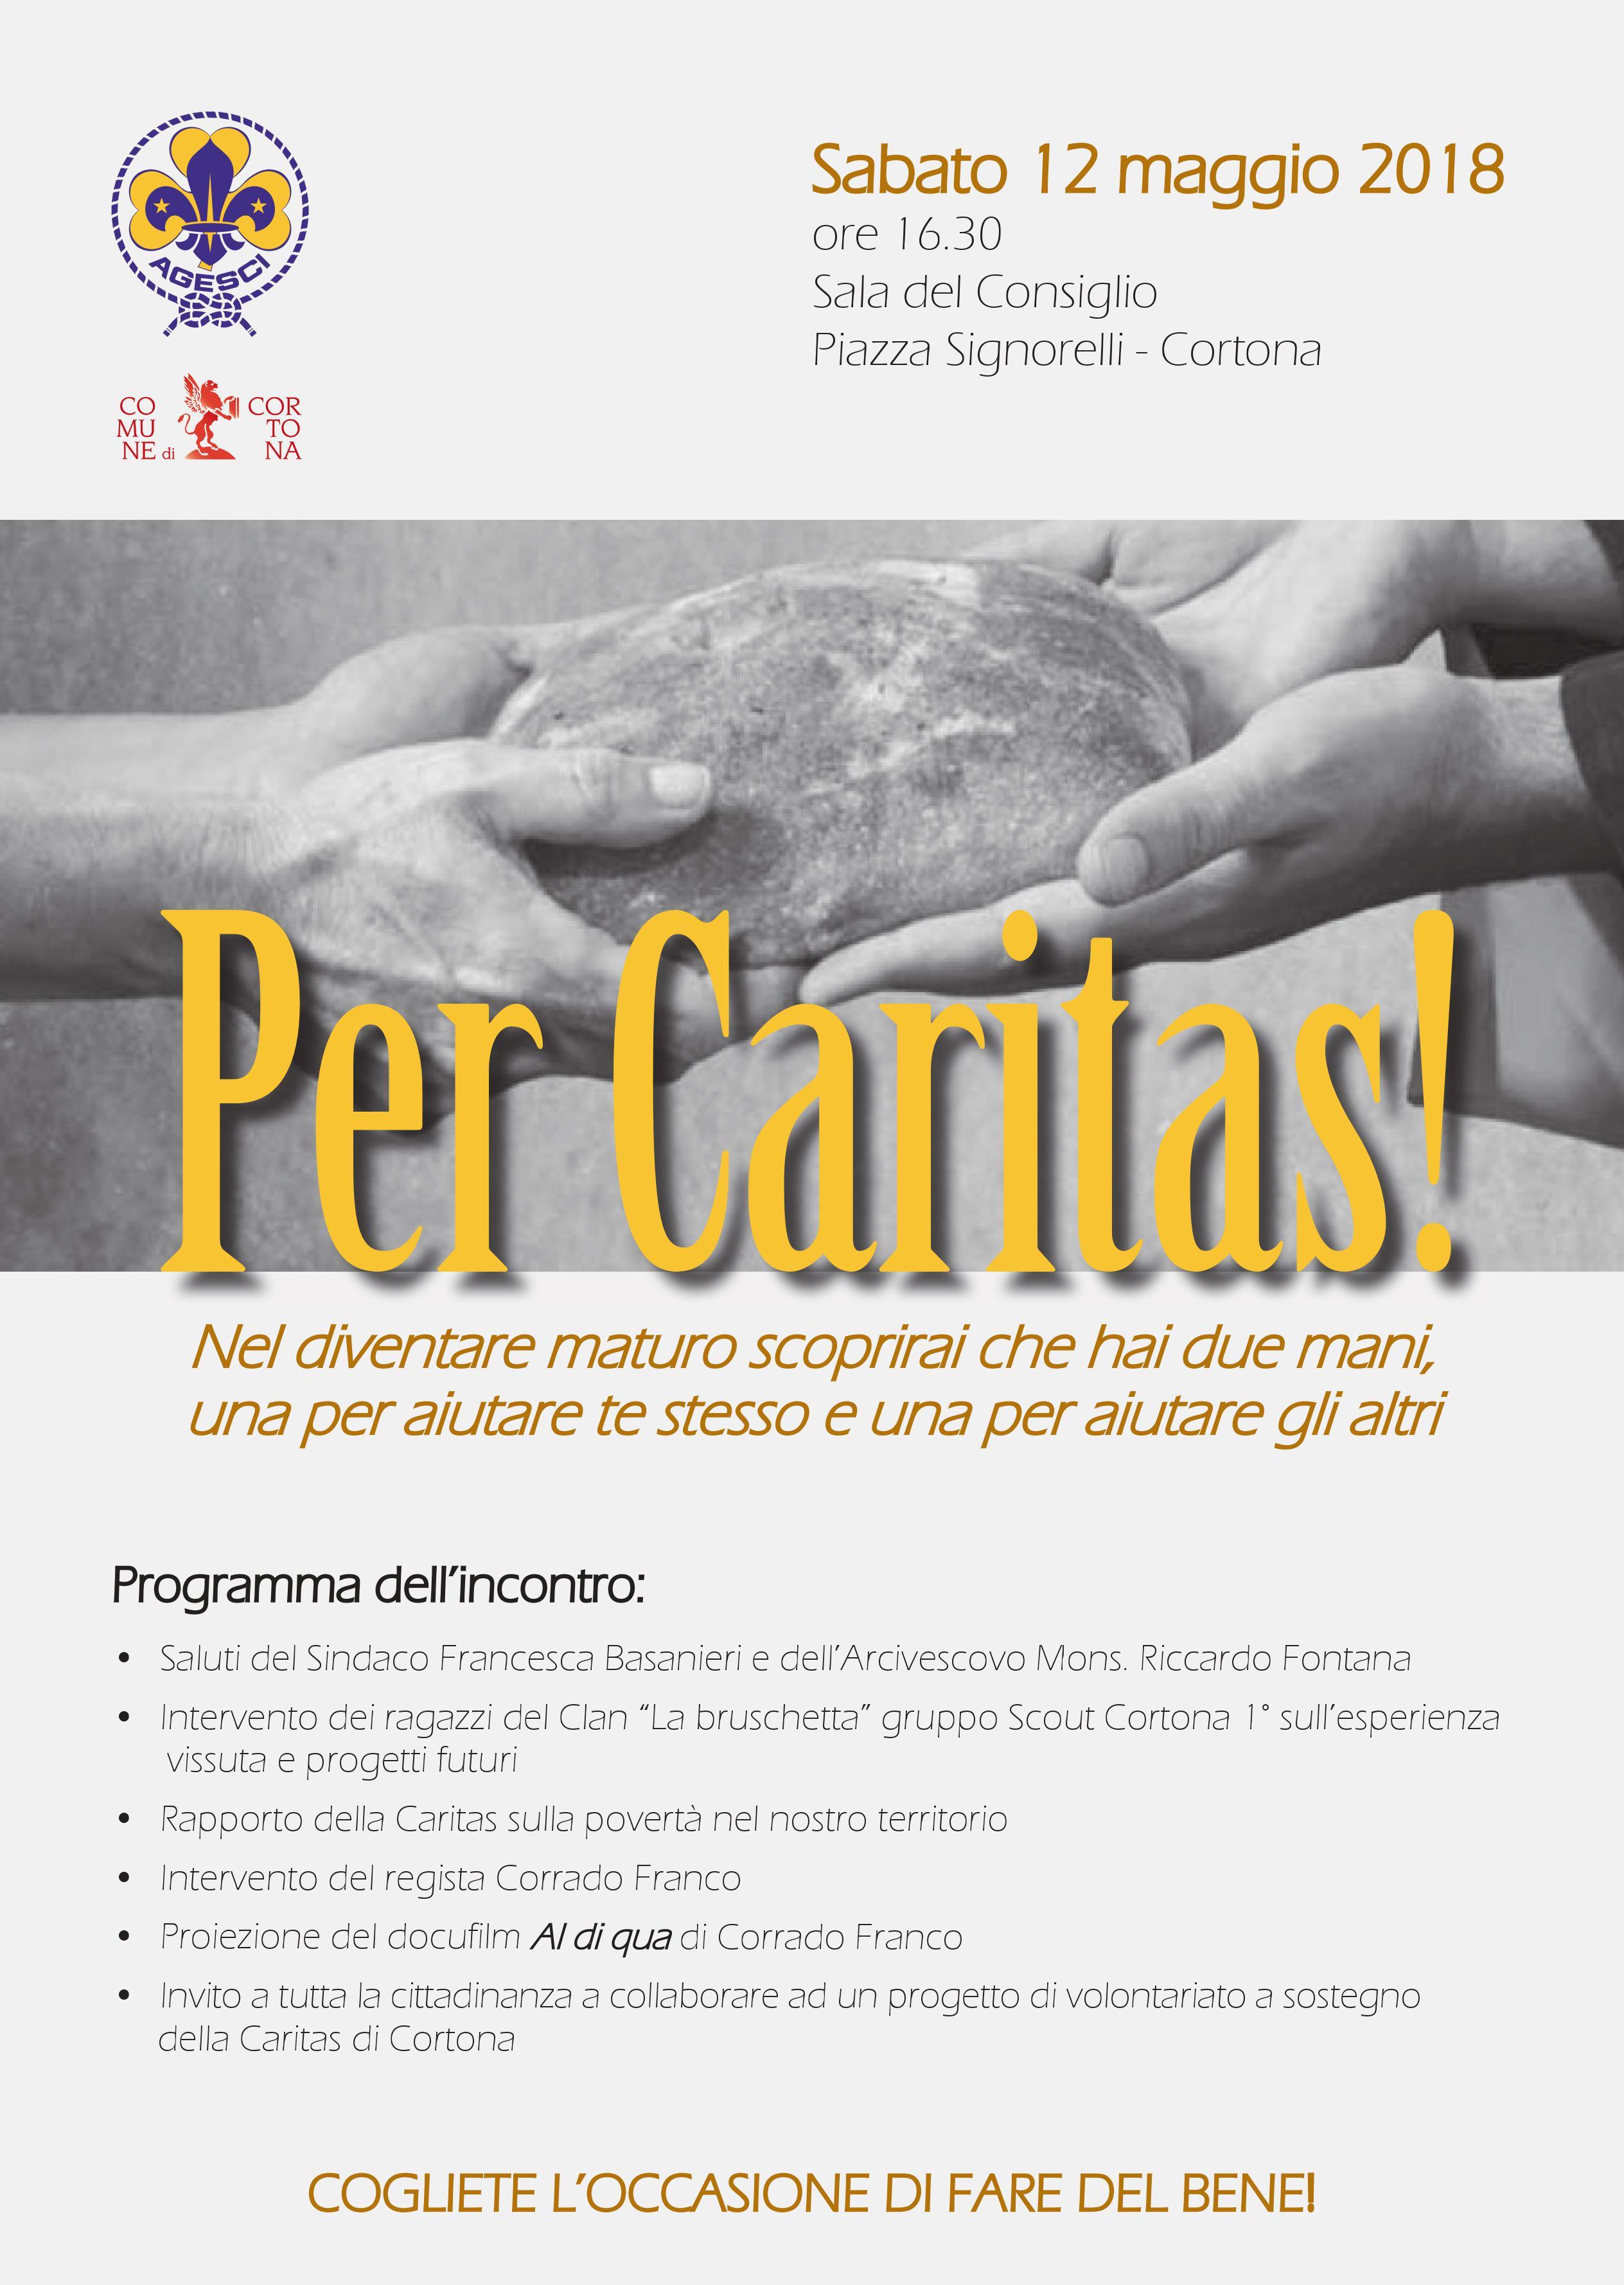 L'impegno dei ragazzi di Agesci per Caritas: evento sabato 12 in Sala del Consiglio